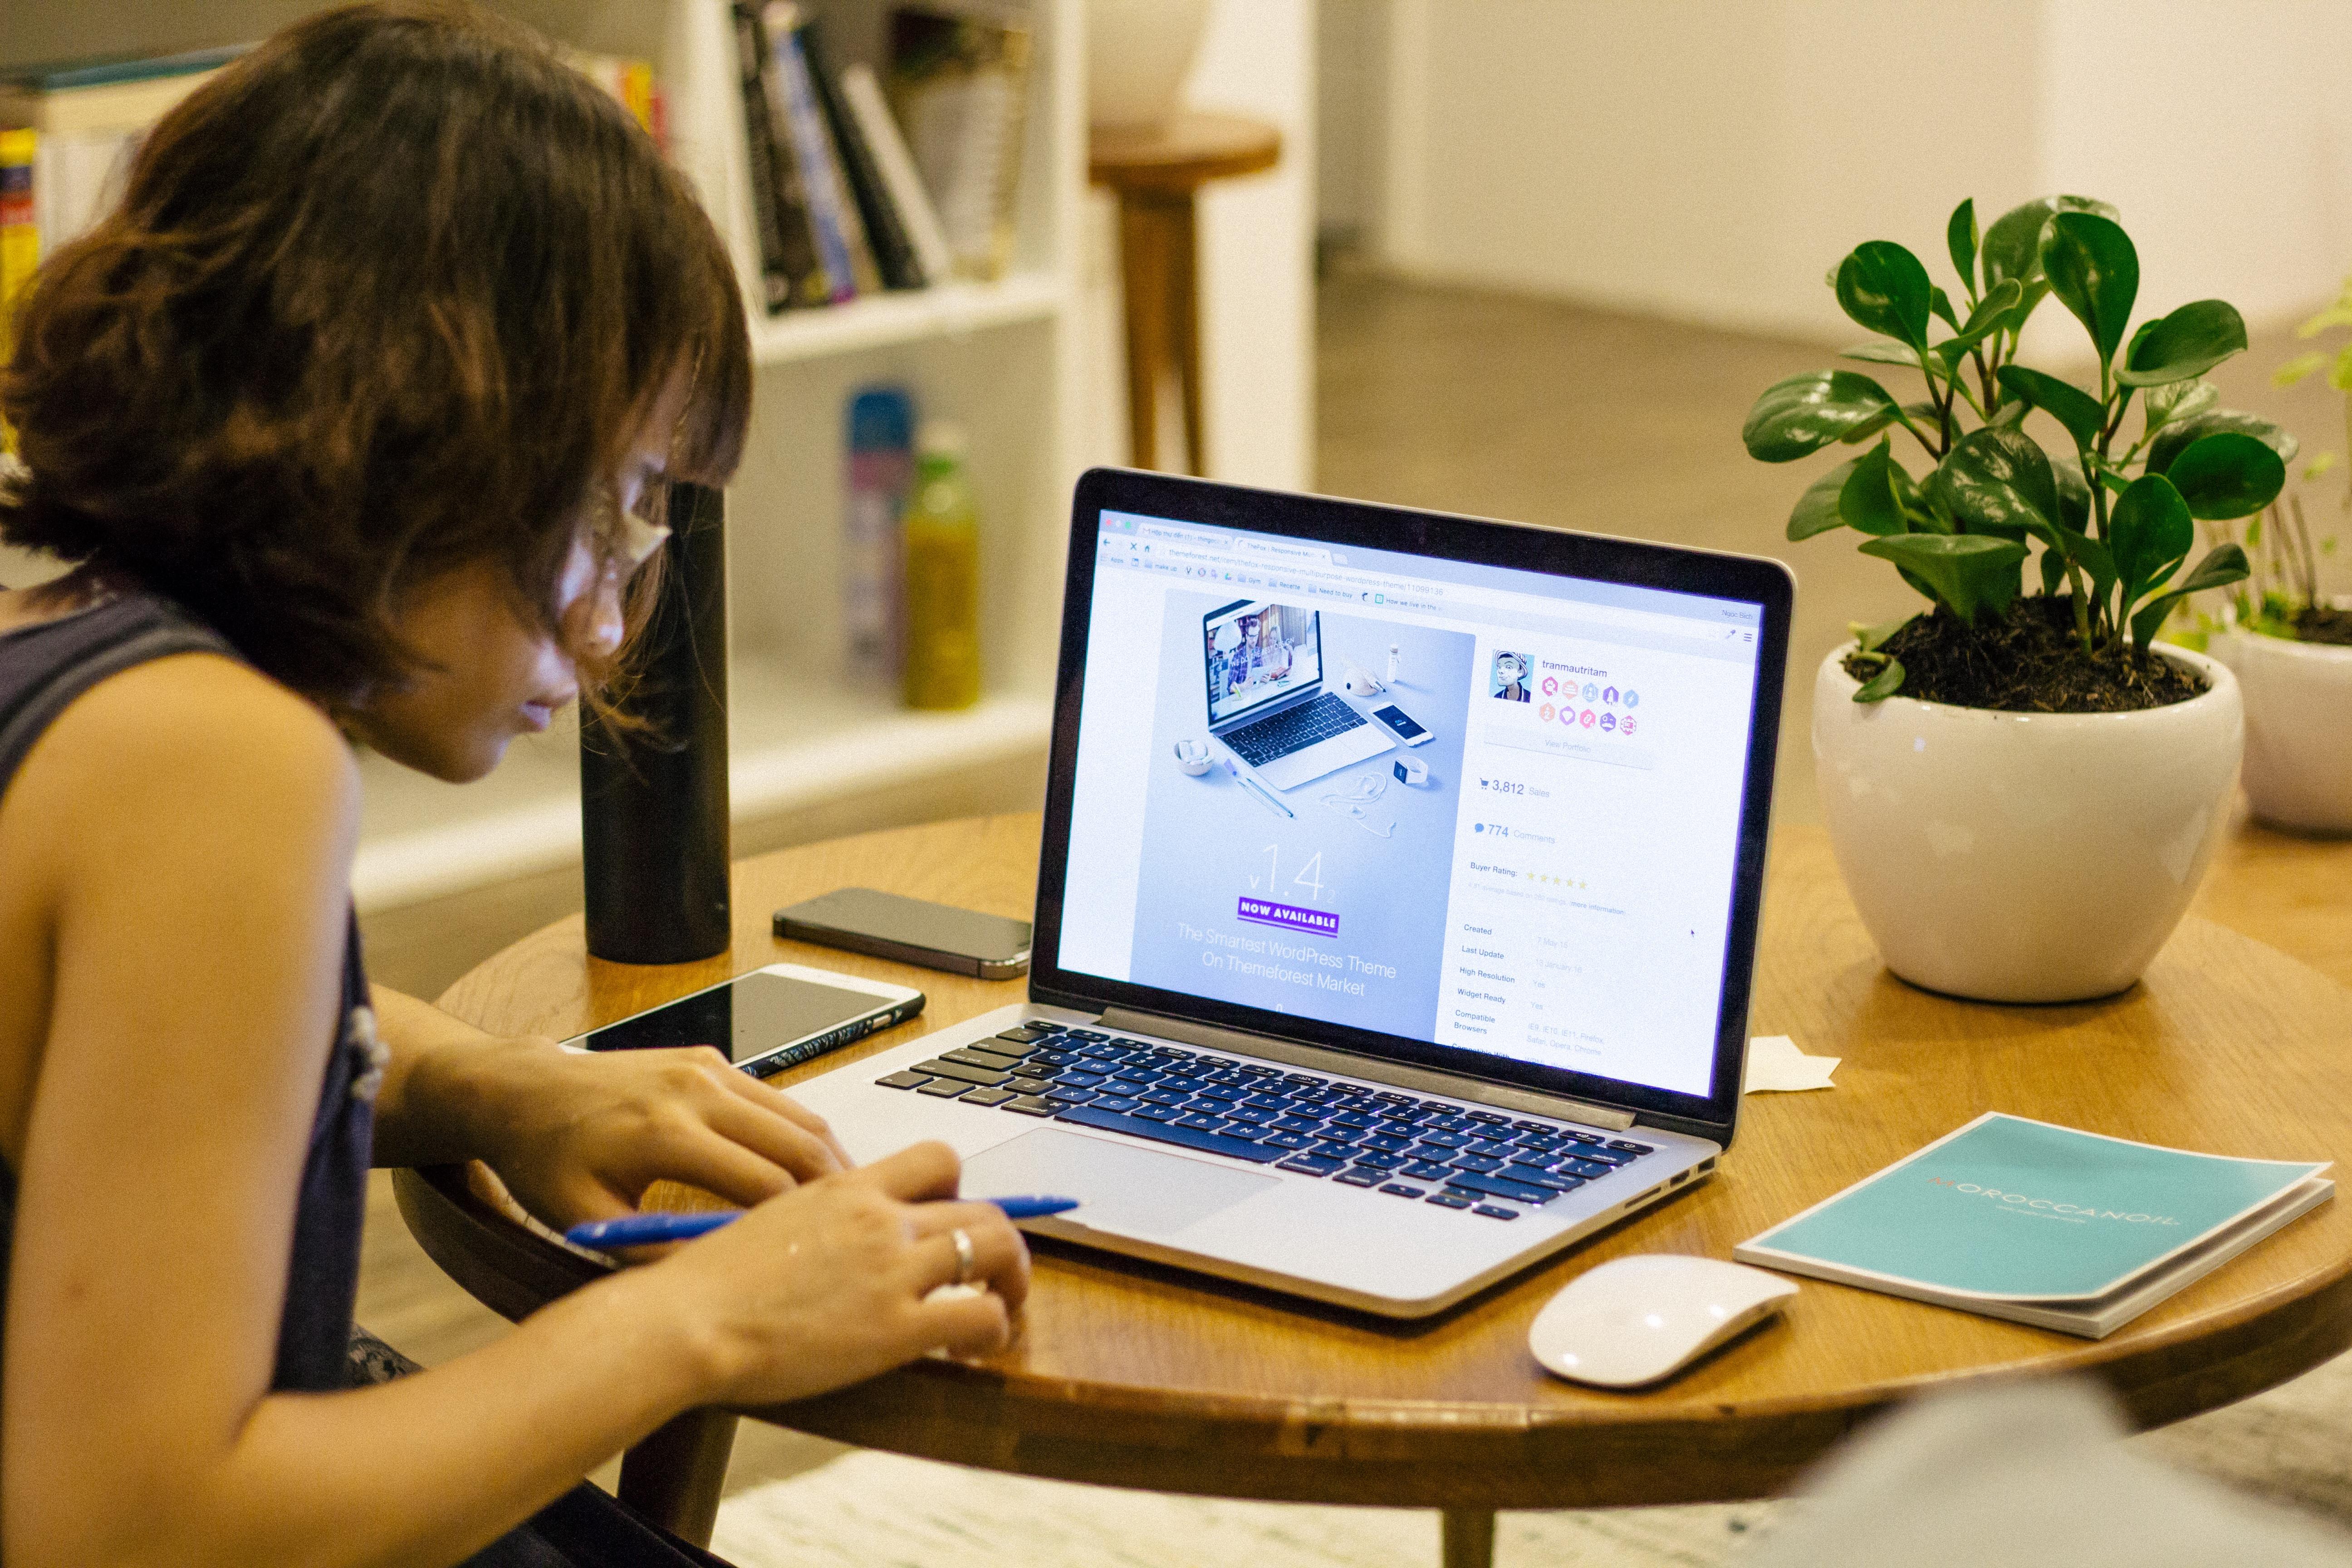 HubSpot-blog-5-Tipps-wie-Sie-Ihr-Home-Office-effektiver-gestalten_1.jpg